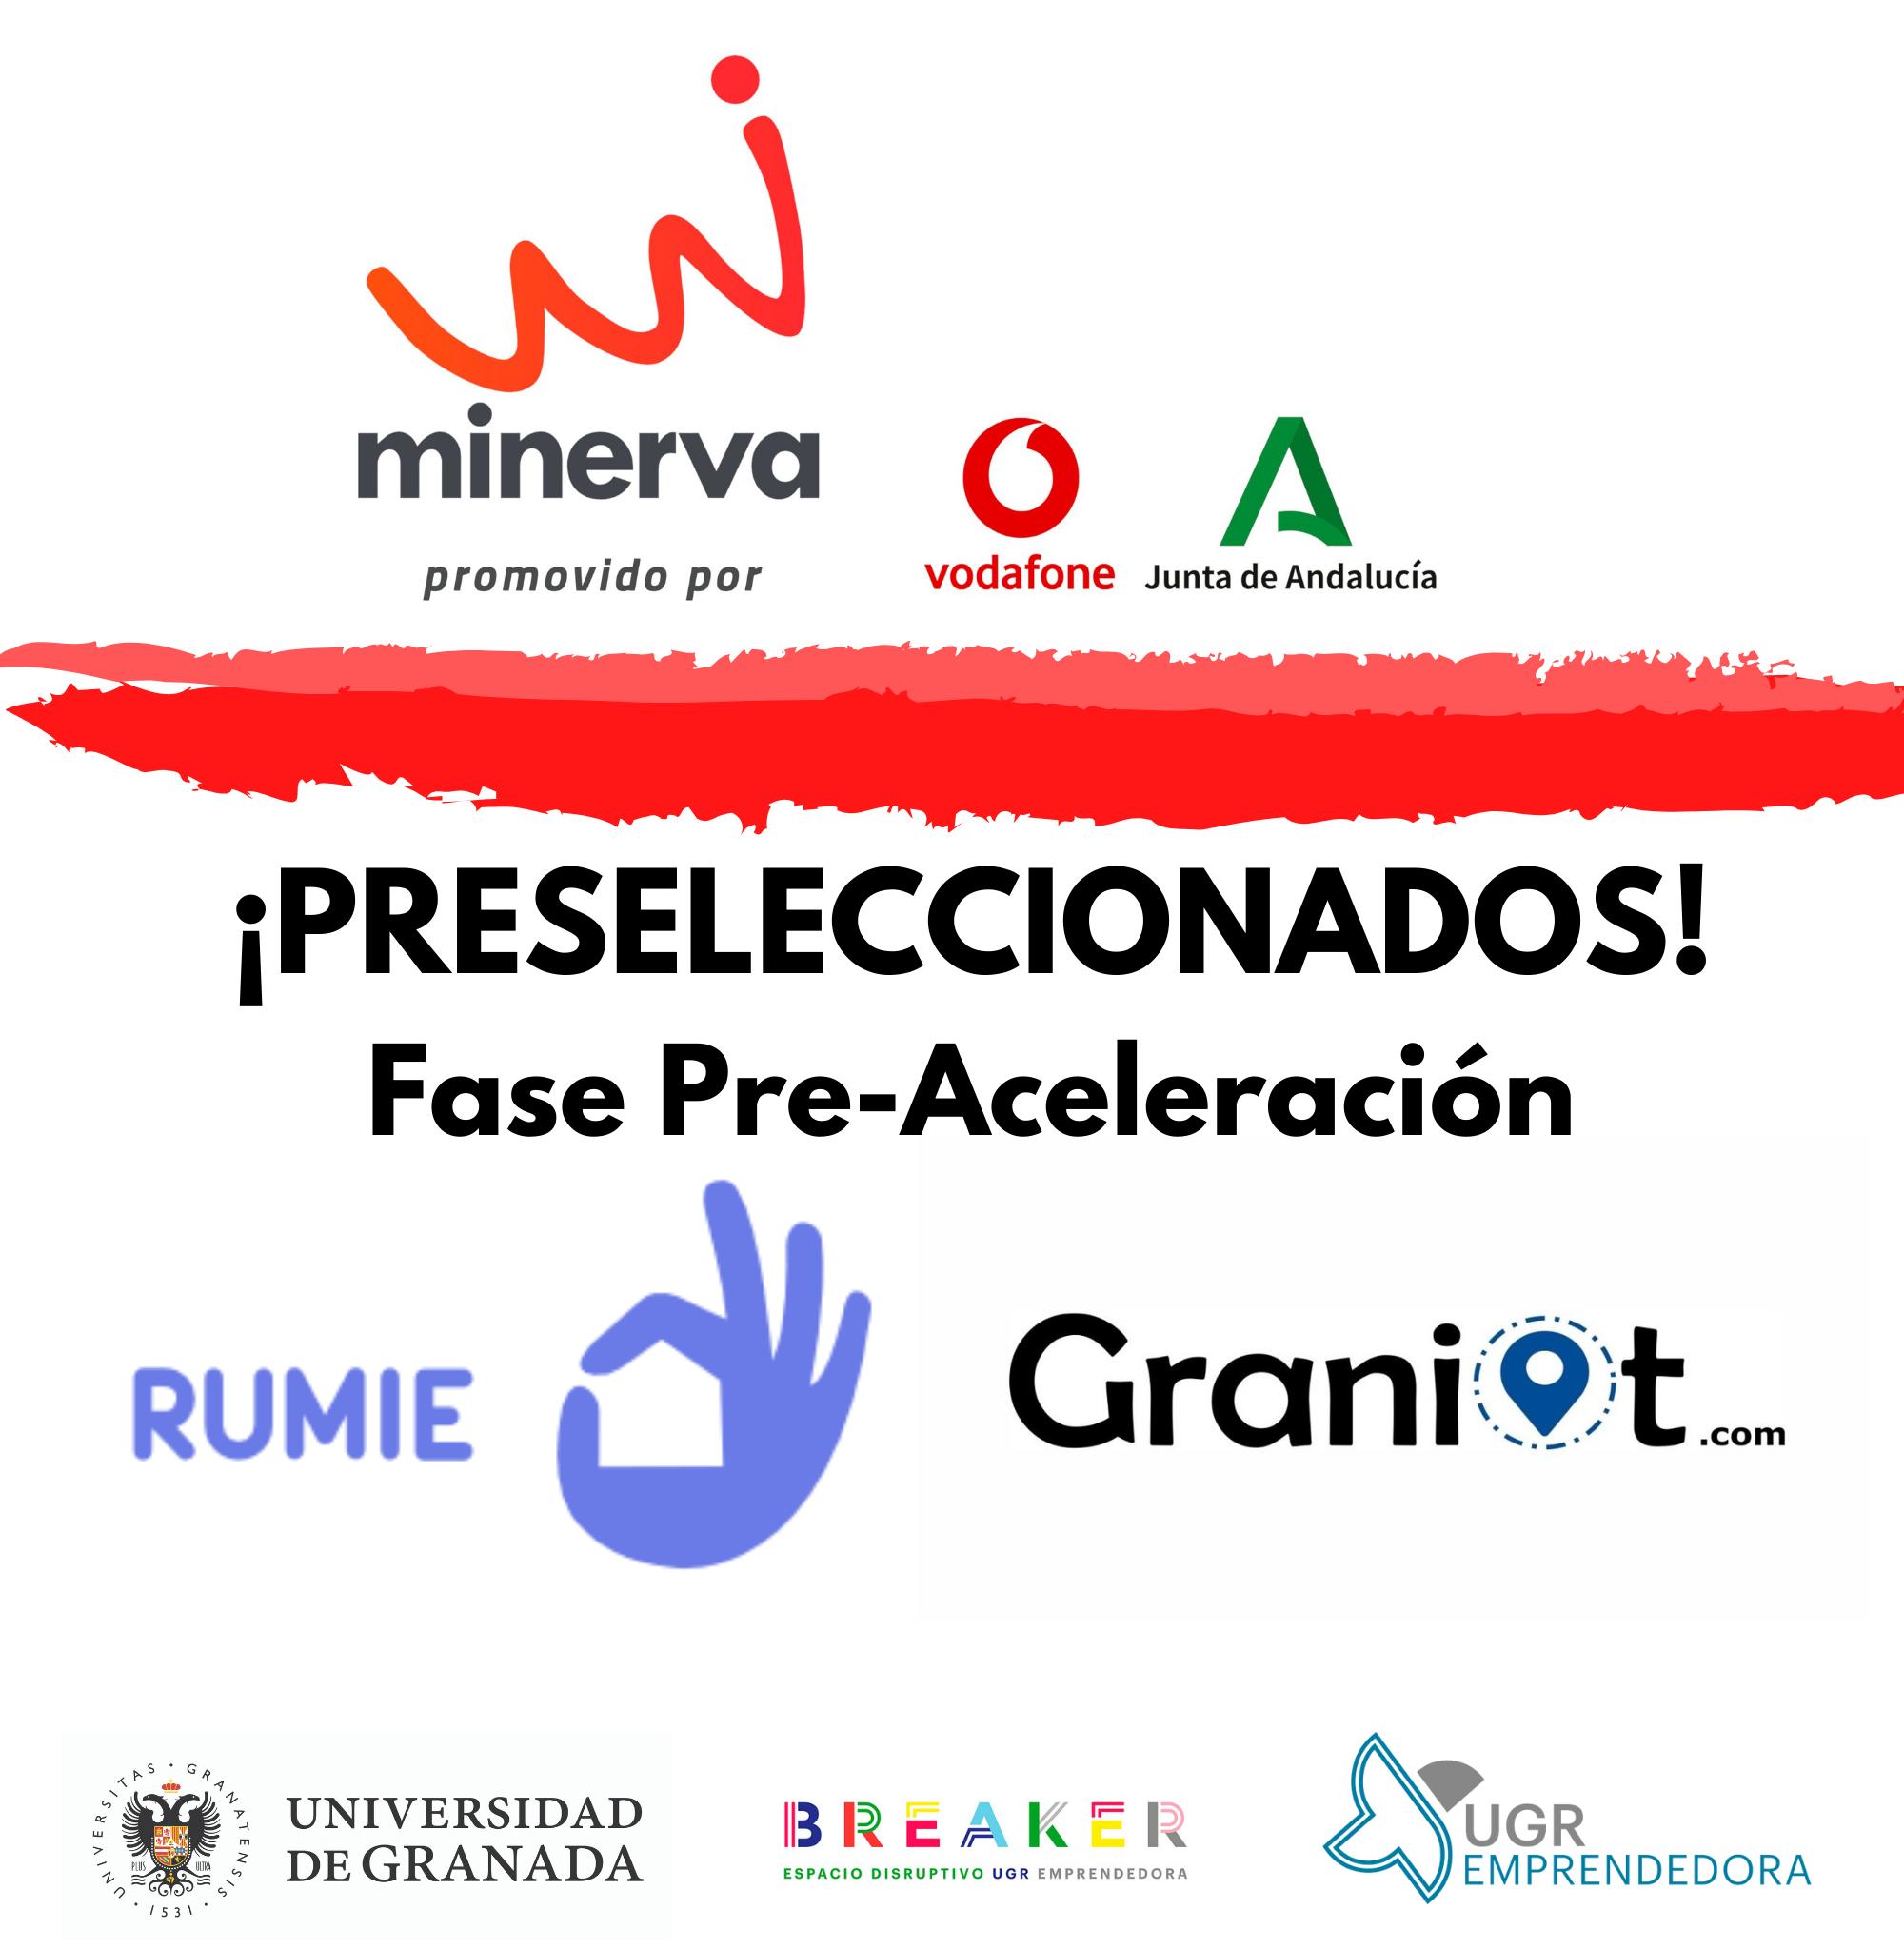 Dos startups alojadas en BREAKER, Centro de Emprendimiento de la UGR, seleccionadas en el Programa Minerva 2021